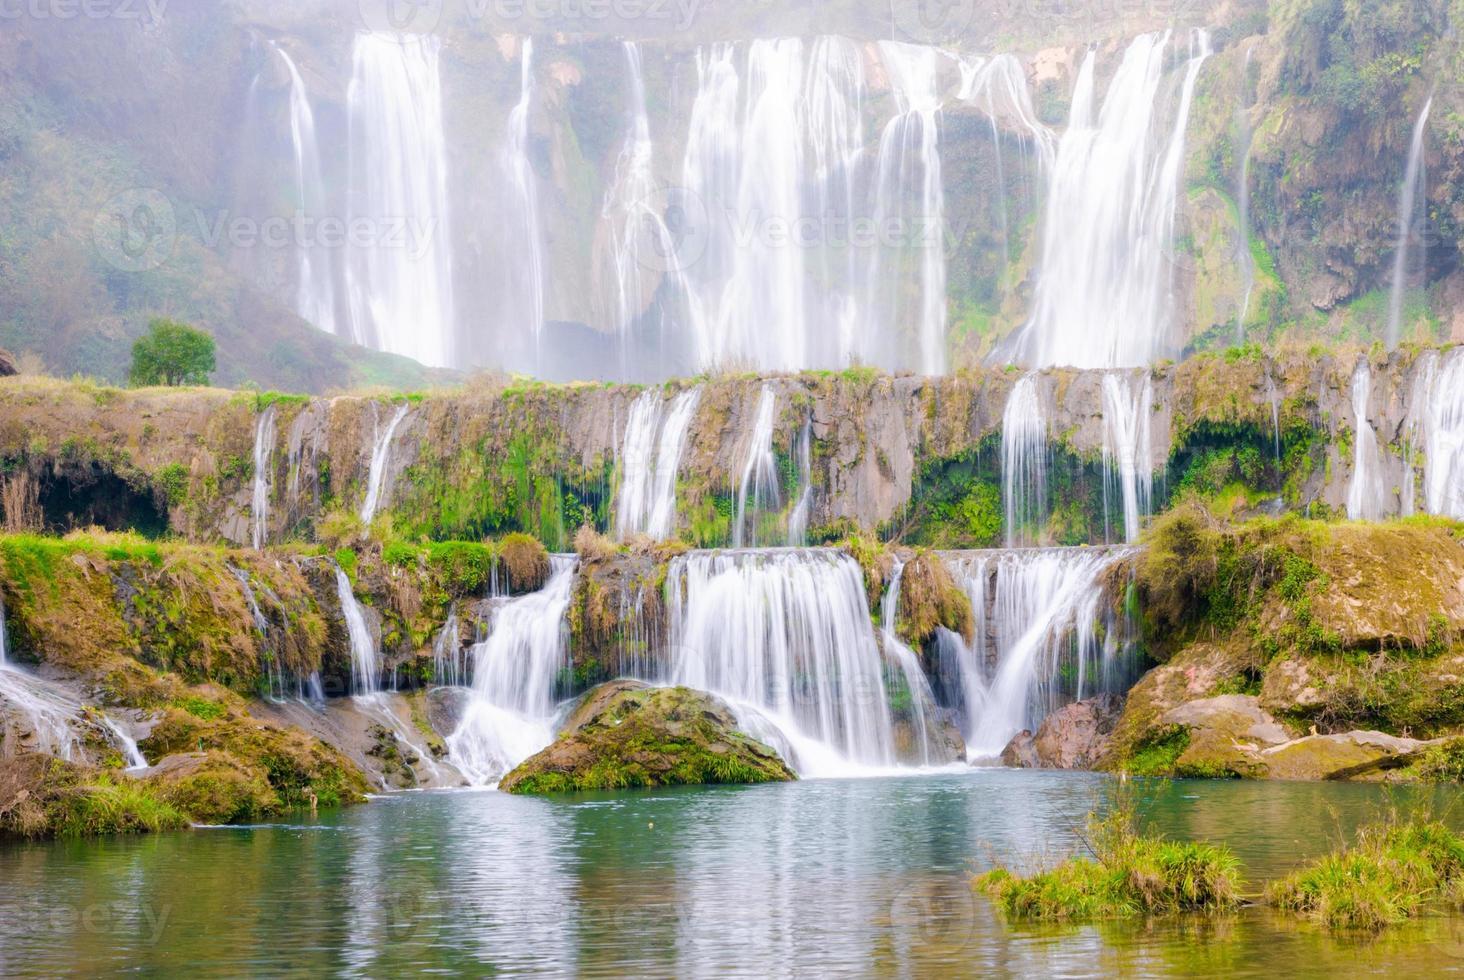 Jiulong Wasserfall foto